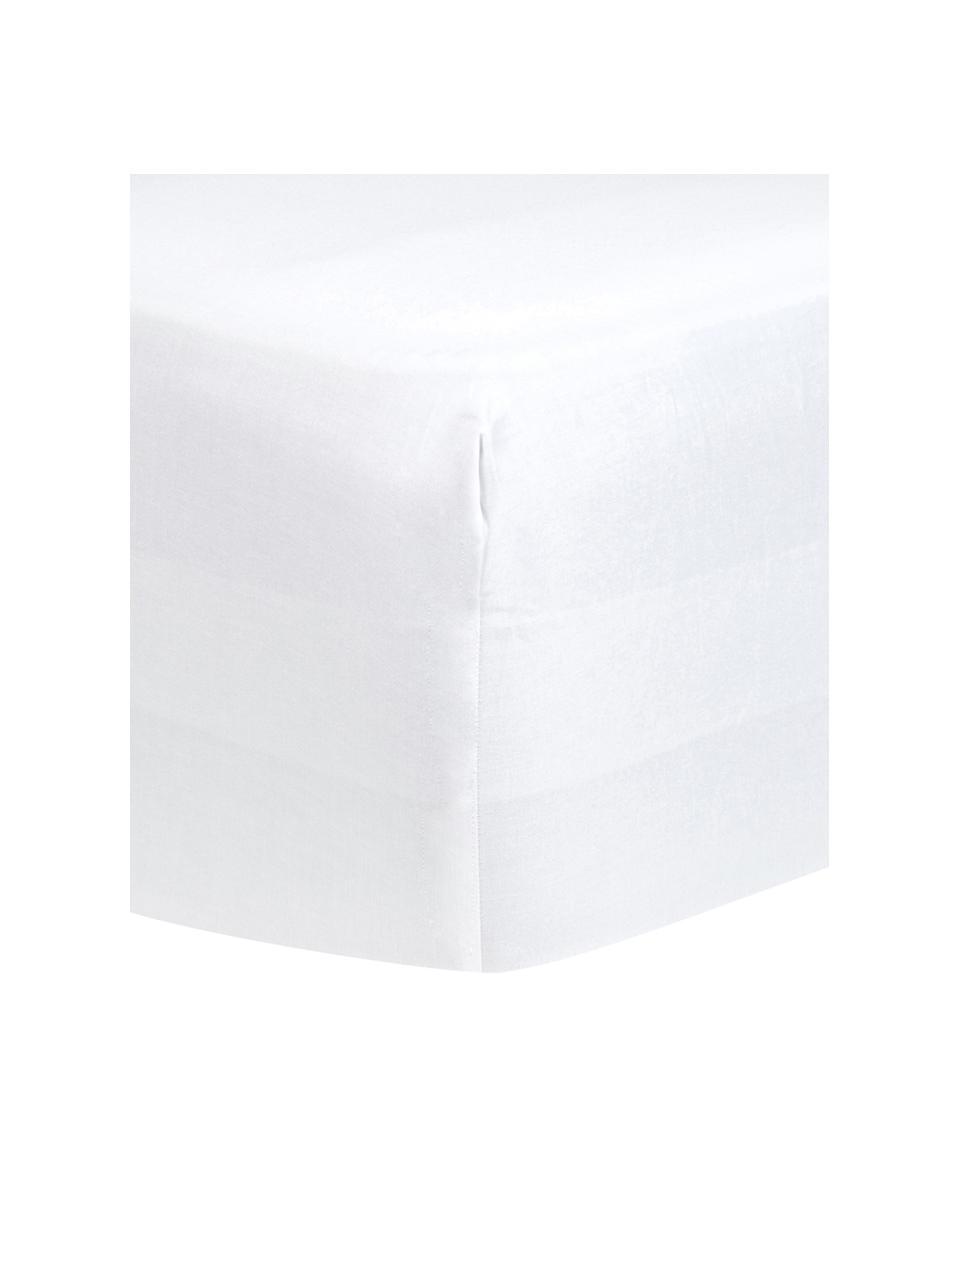 Boxspring-Spannbettlaken Comfort in Weiß, Baumwollsatin, Webart: Satin, Weiß, 200 x 200 cm